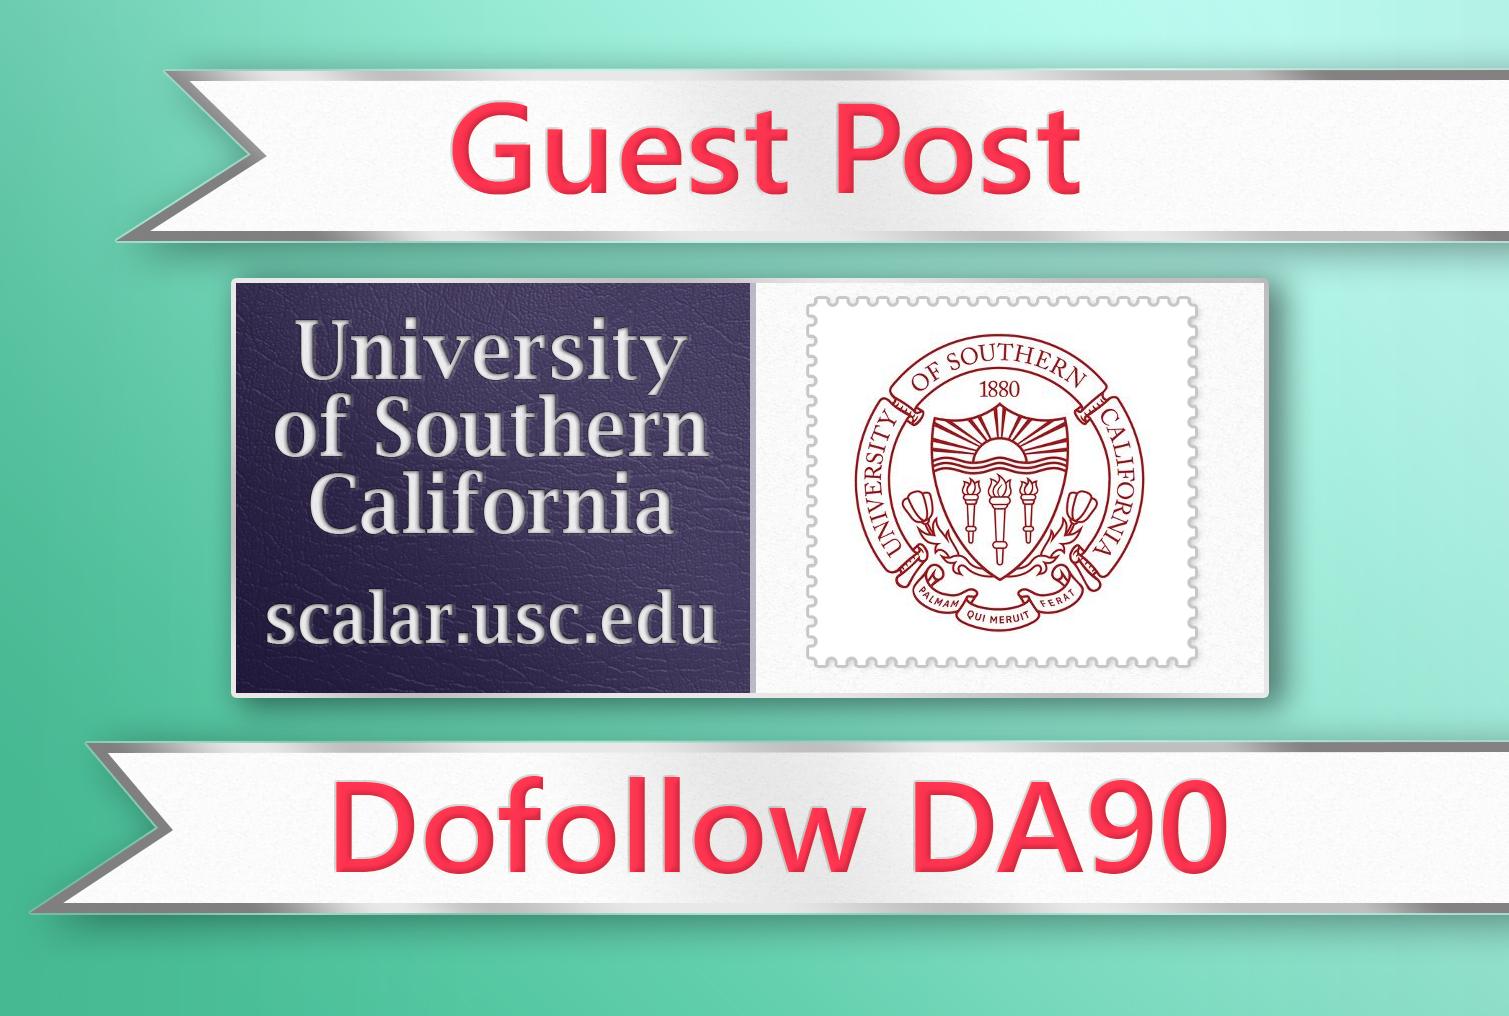 Guest post on USC. edu - DA90